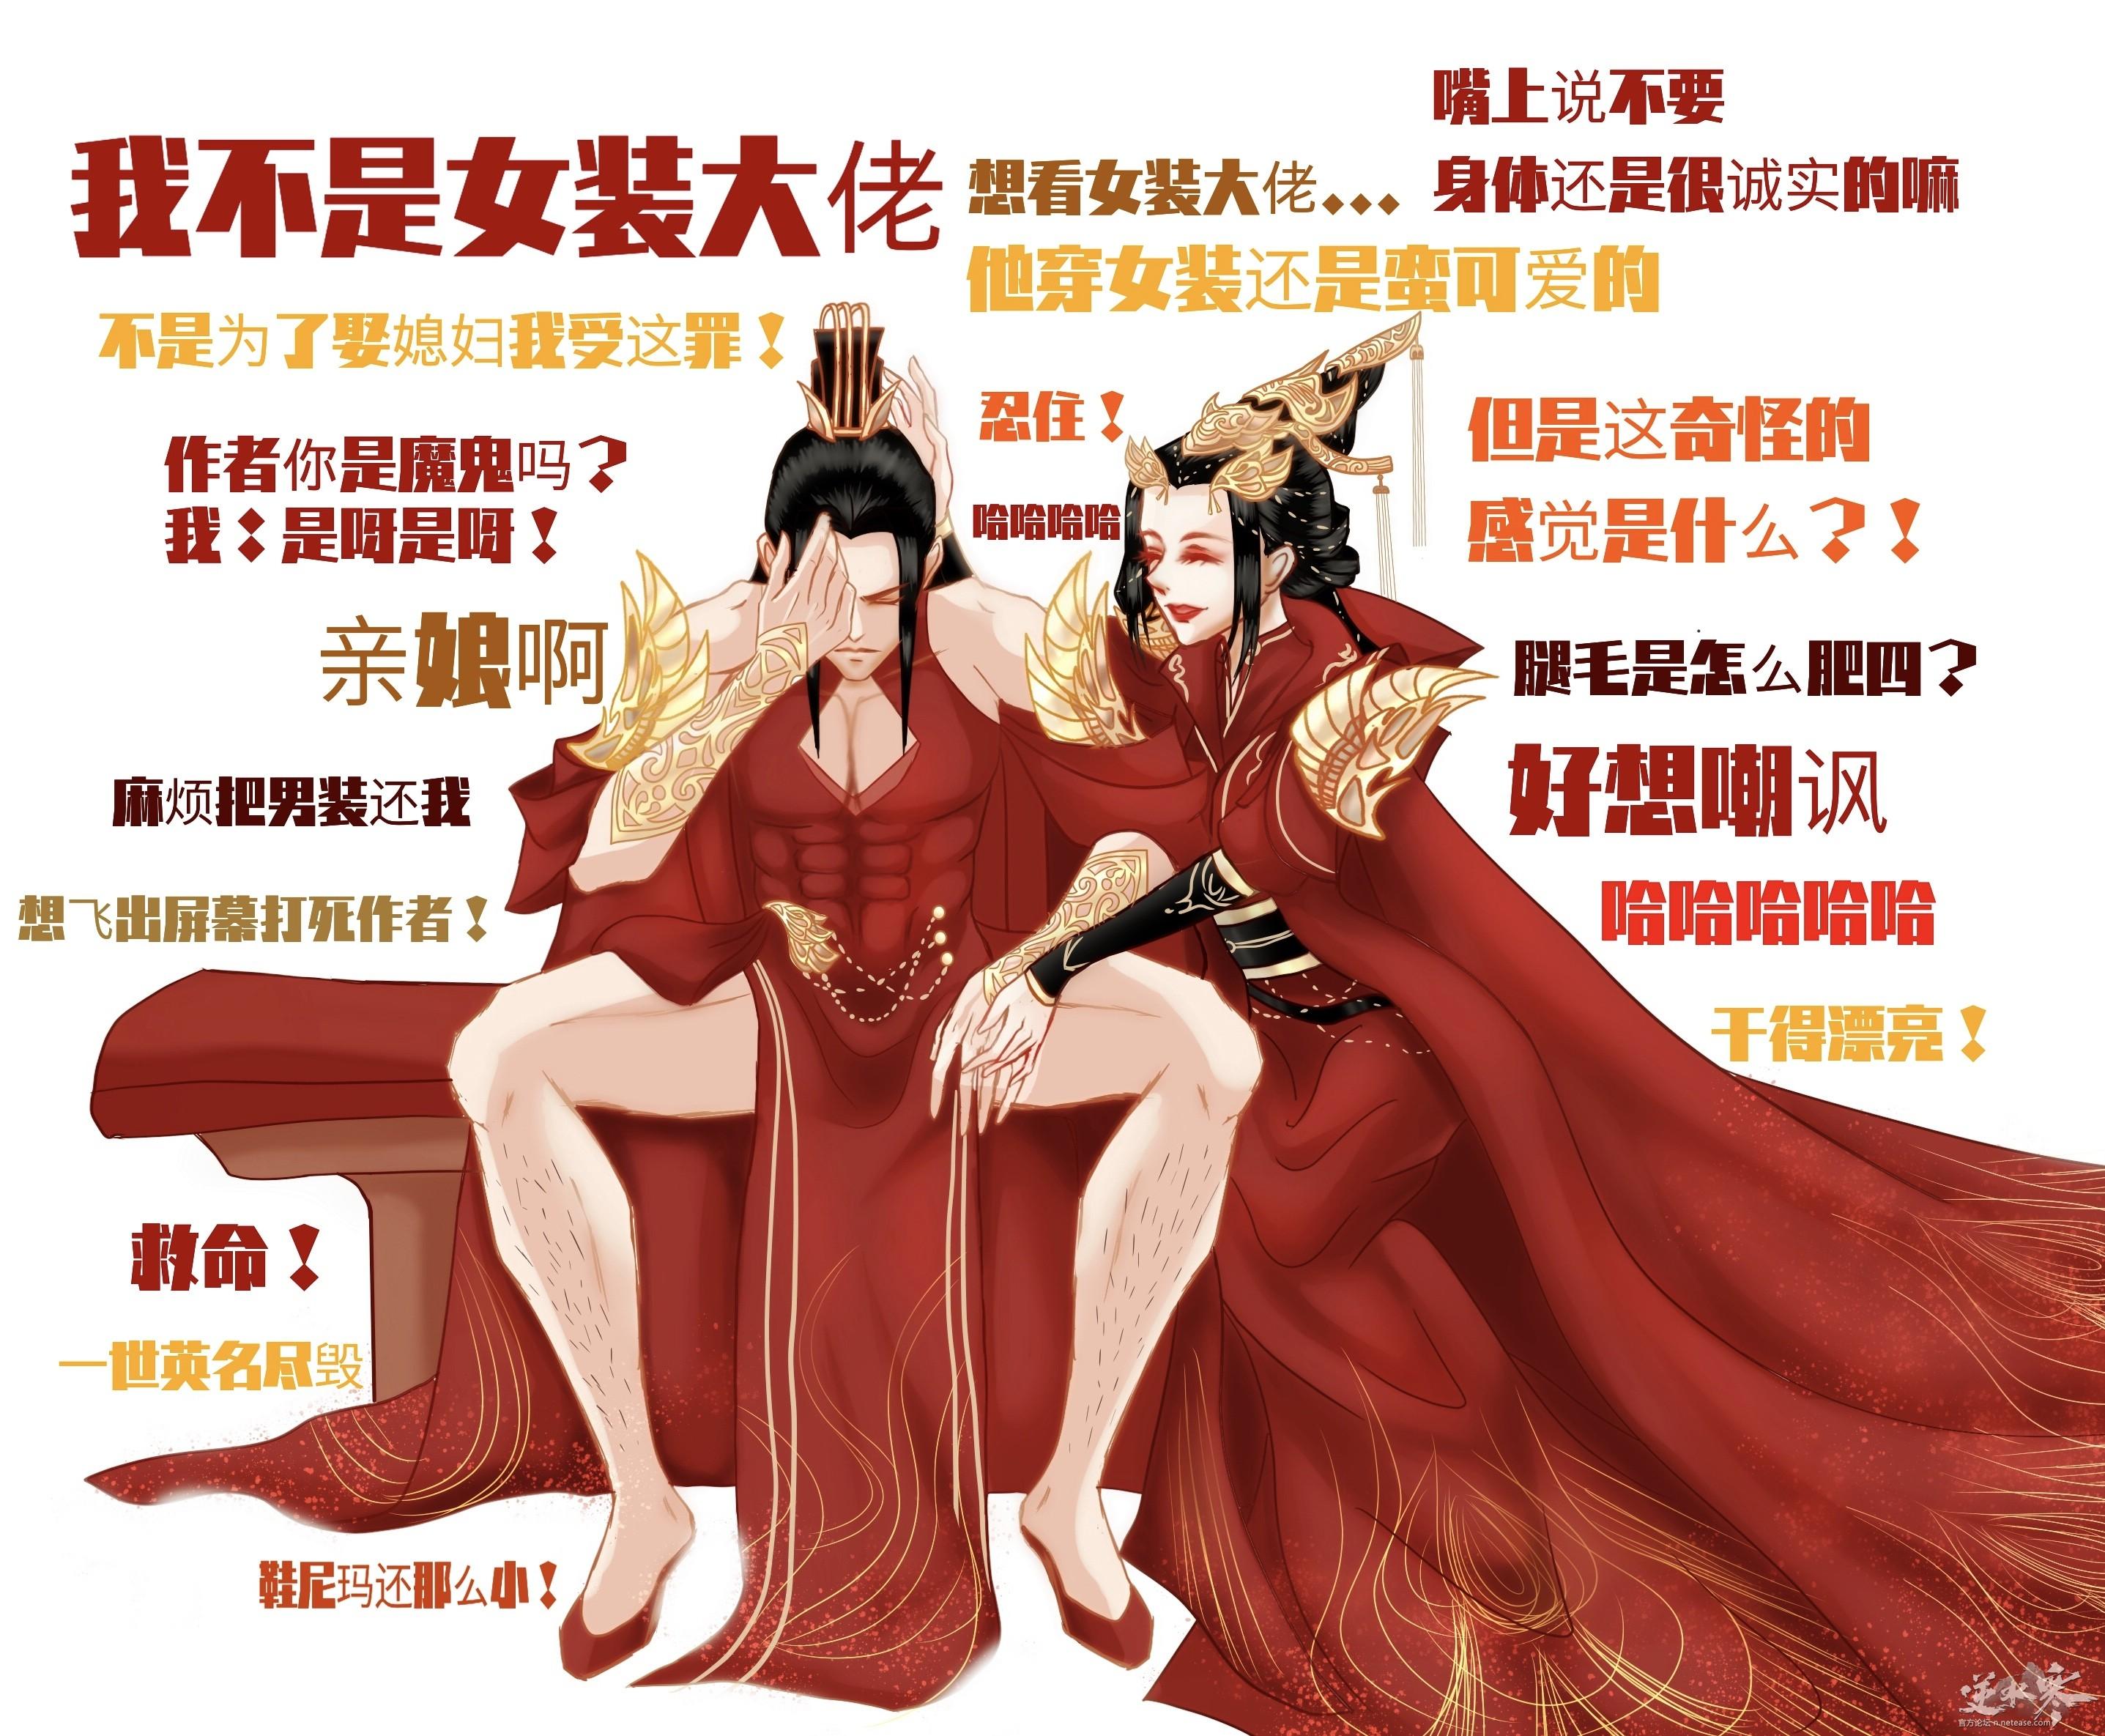 关于红鸾婚服正经的沙雕梗【手绘】【自在门】